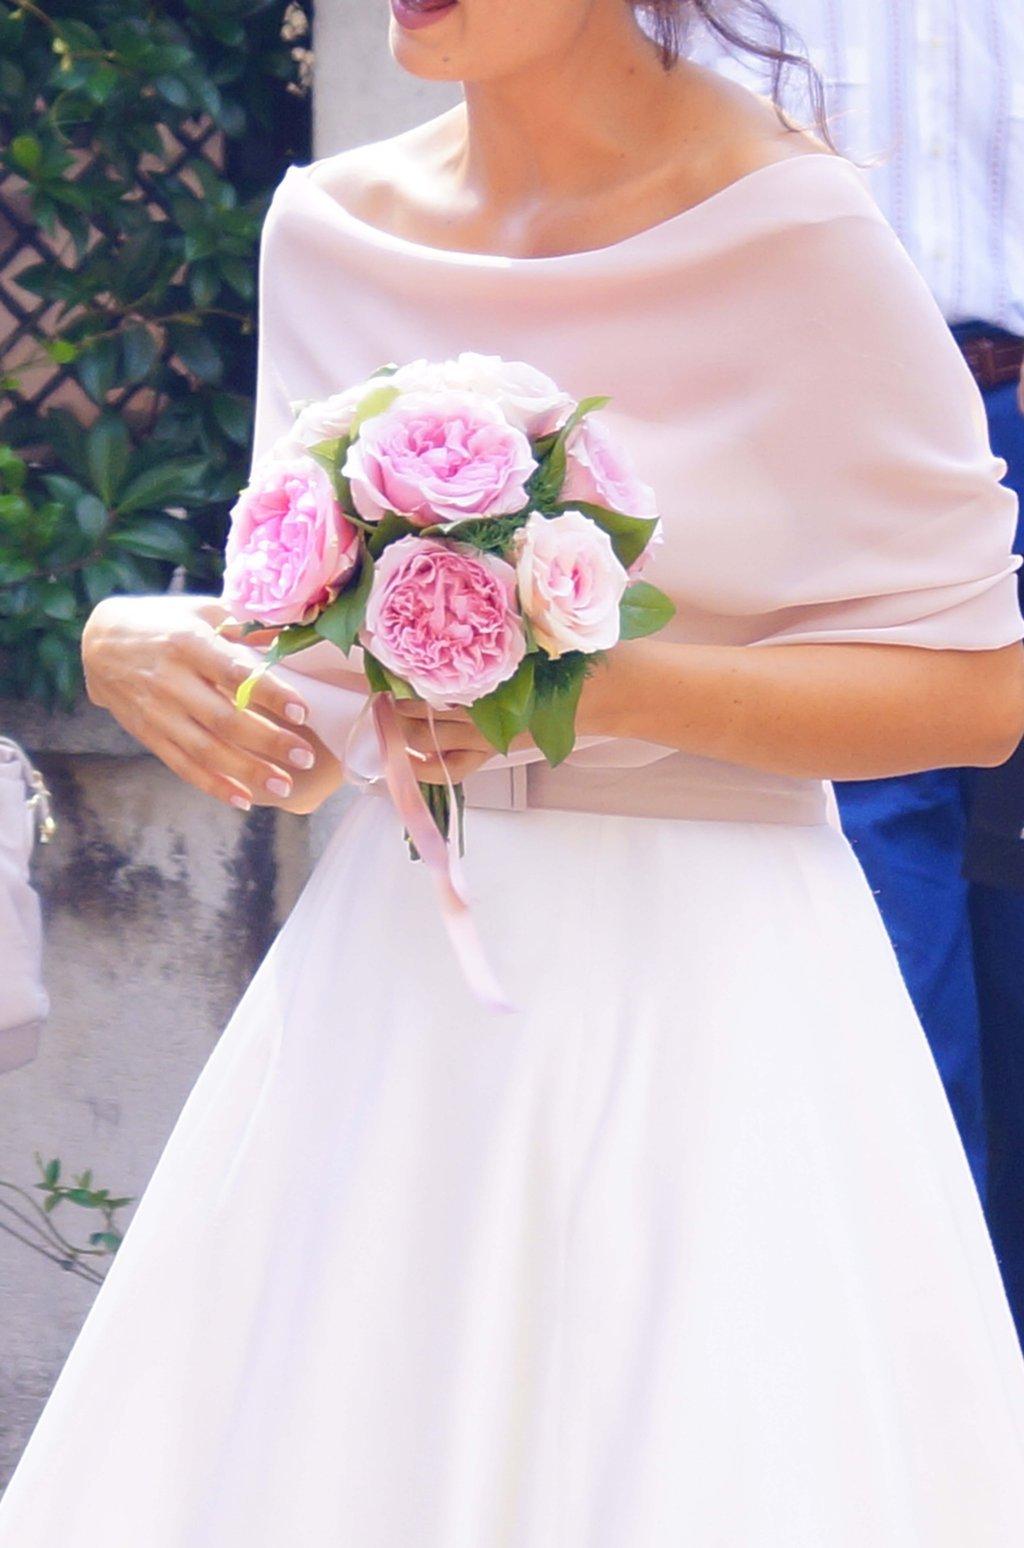 matrimonio-eryngium-ortensia-rosa-e-matricaria-02